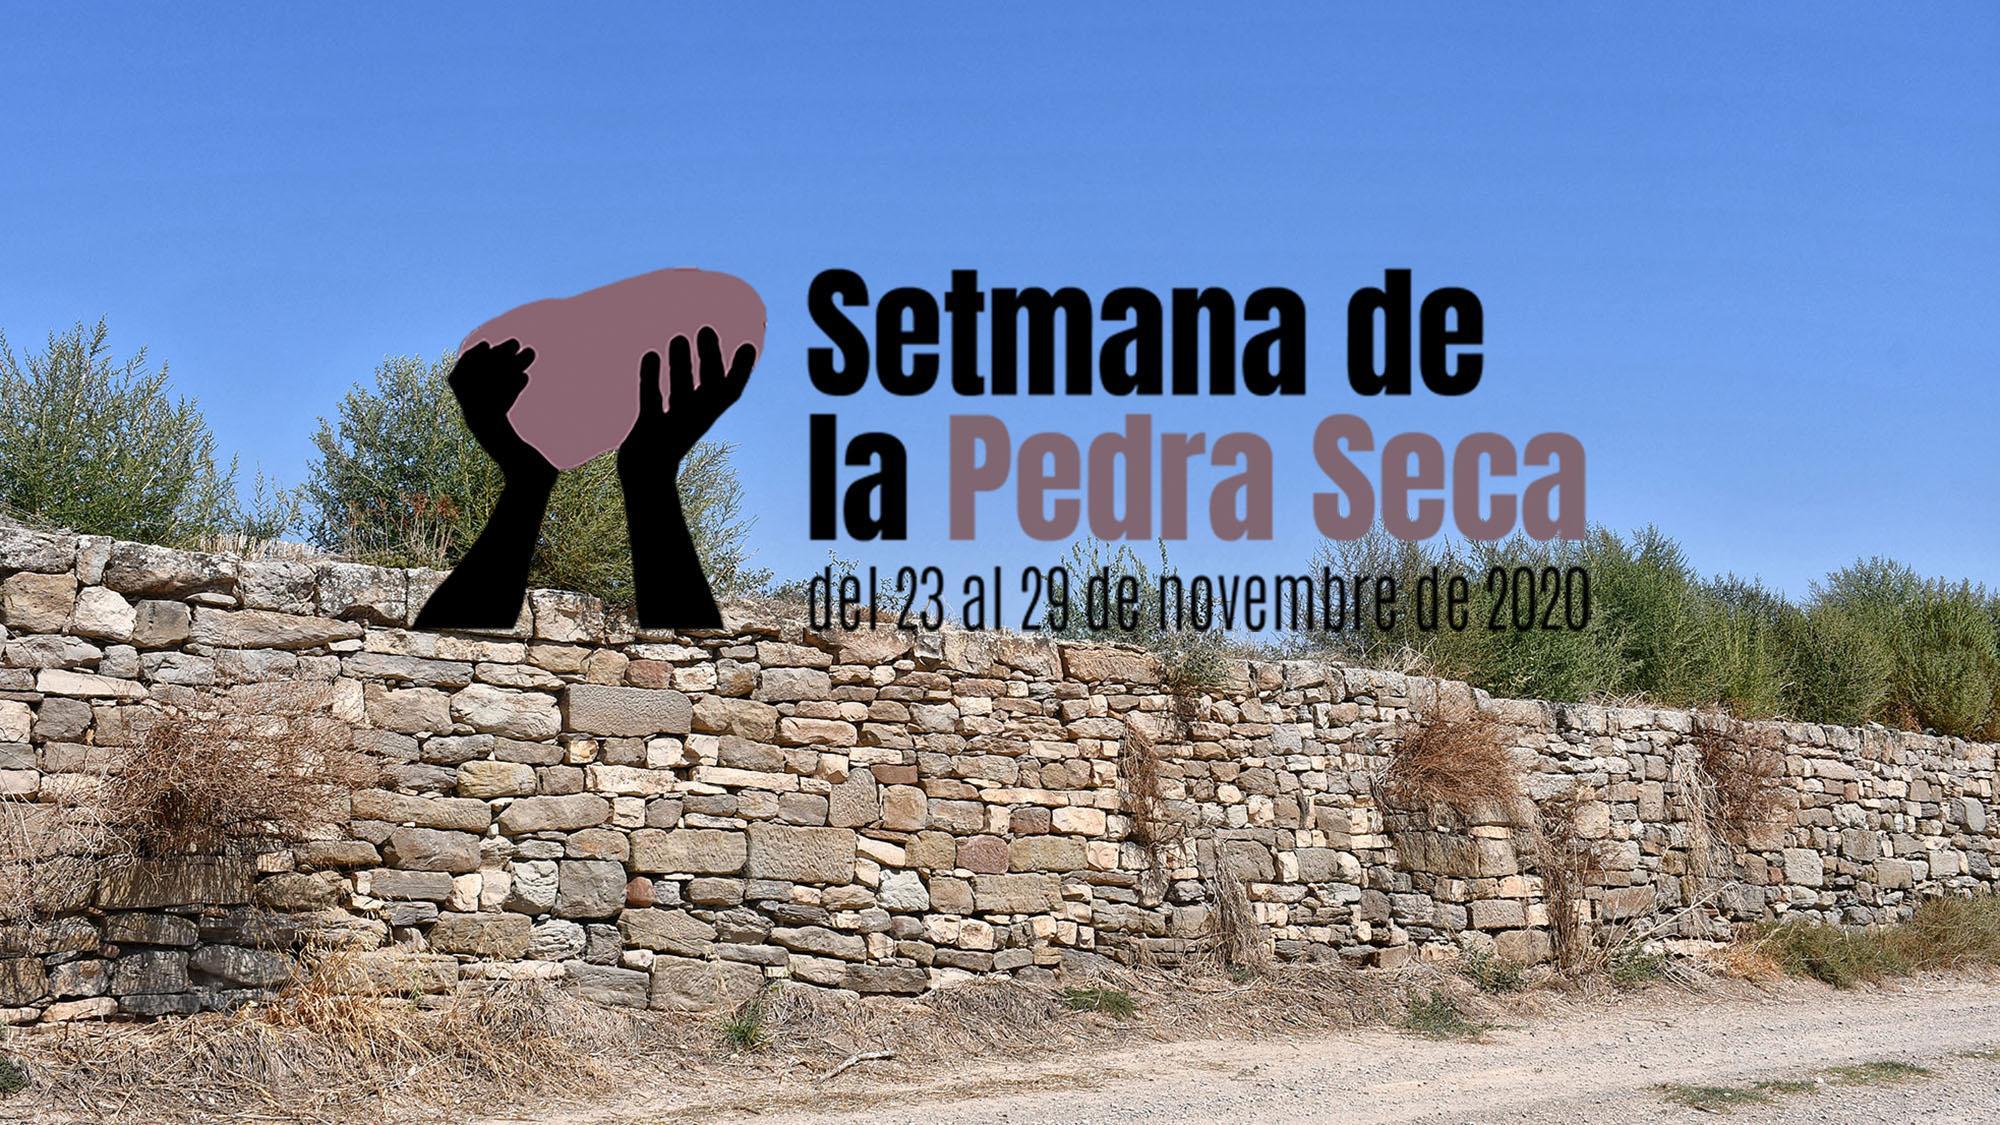 Neix la Setmana de la Pedra Seca per reivindicar el patrimoni etnològic de Catalunya